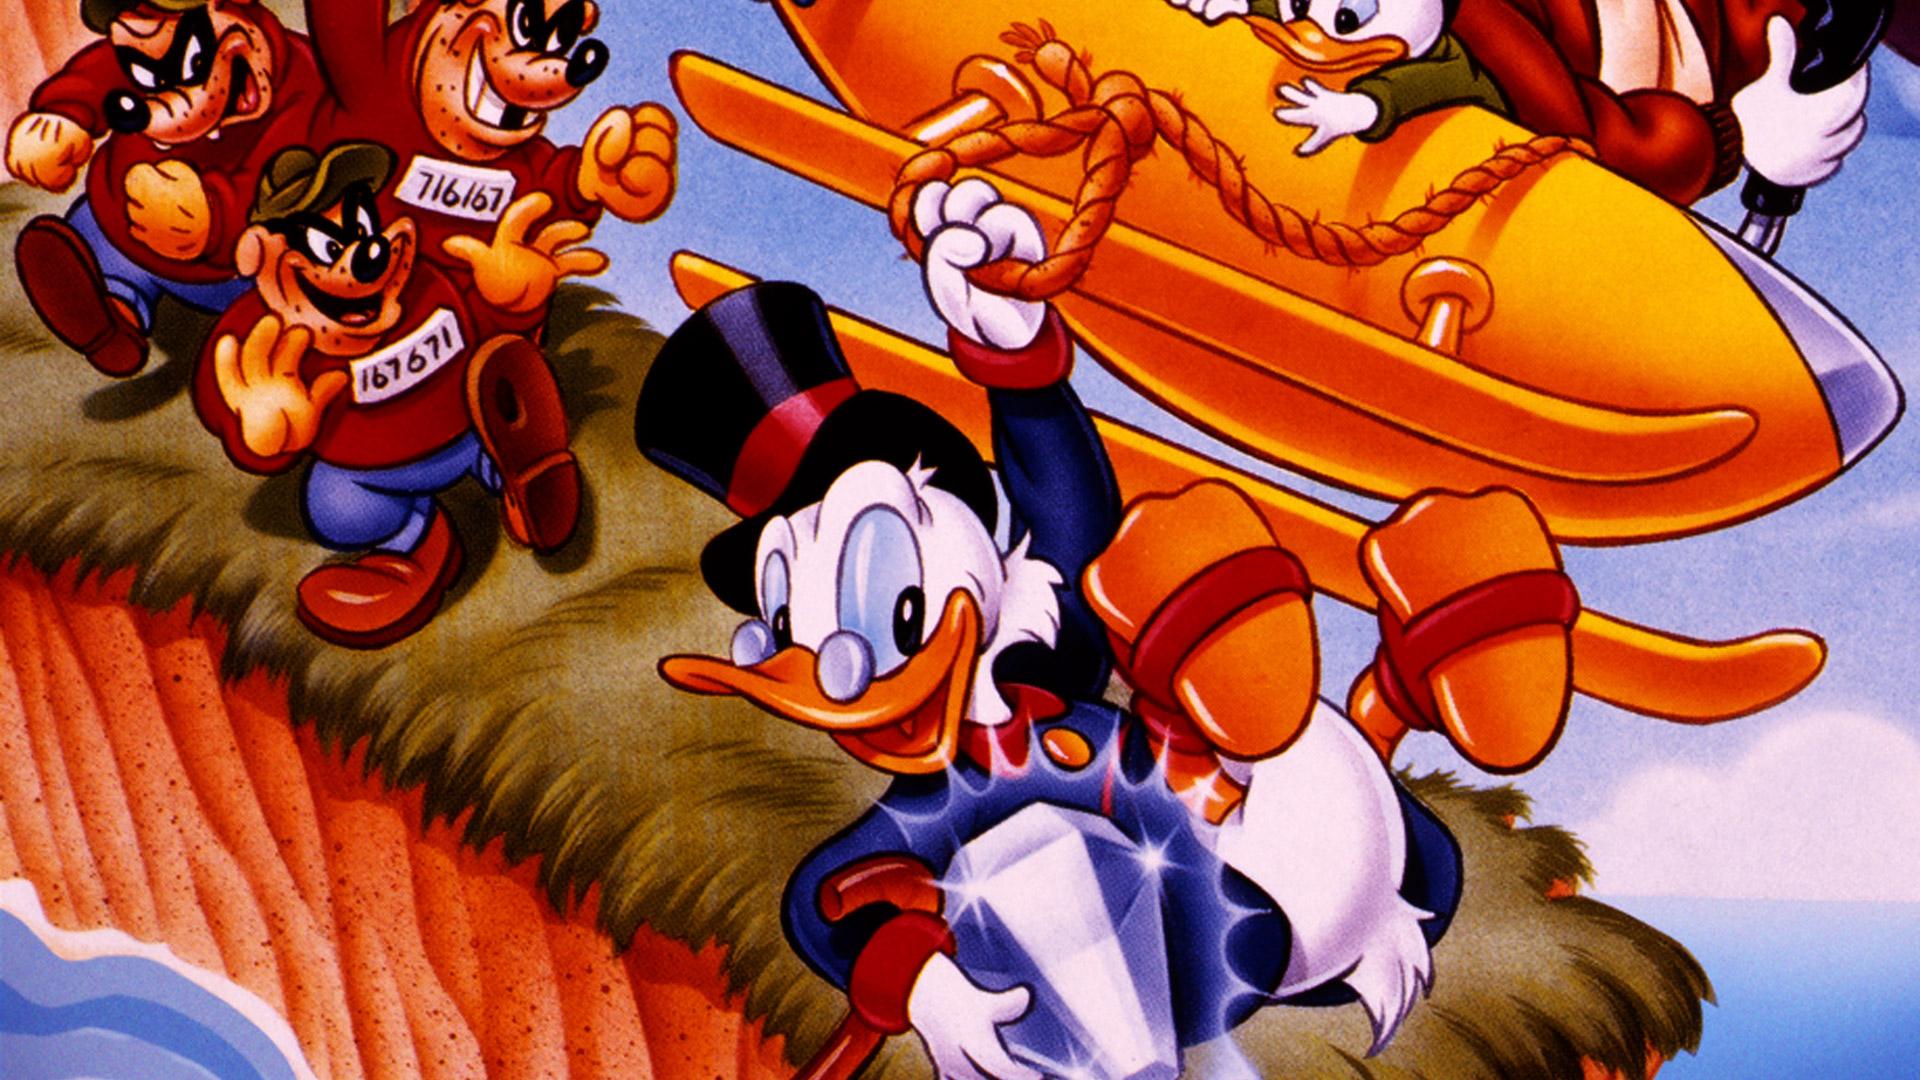 DuckTales: Remastered Wallpaper in 1920x1080